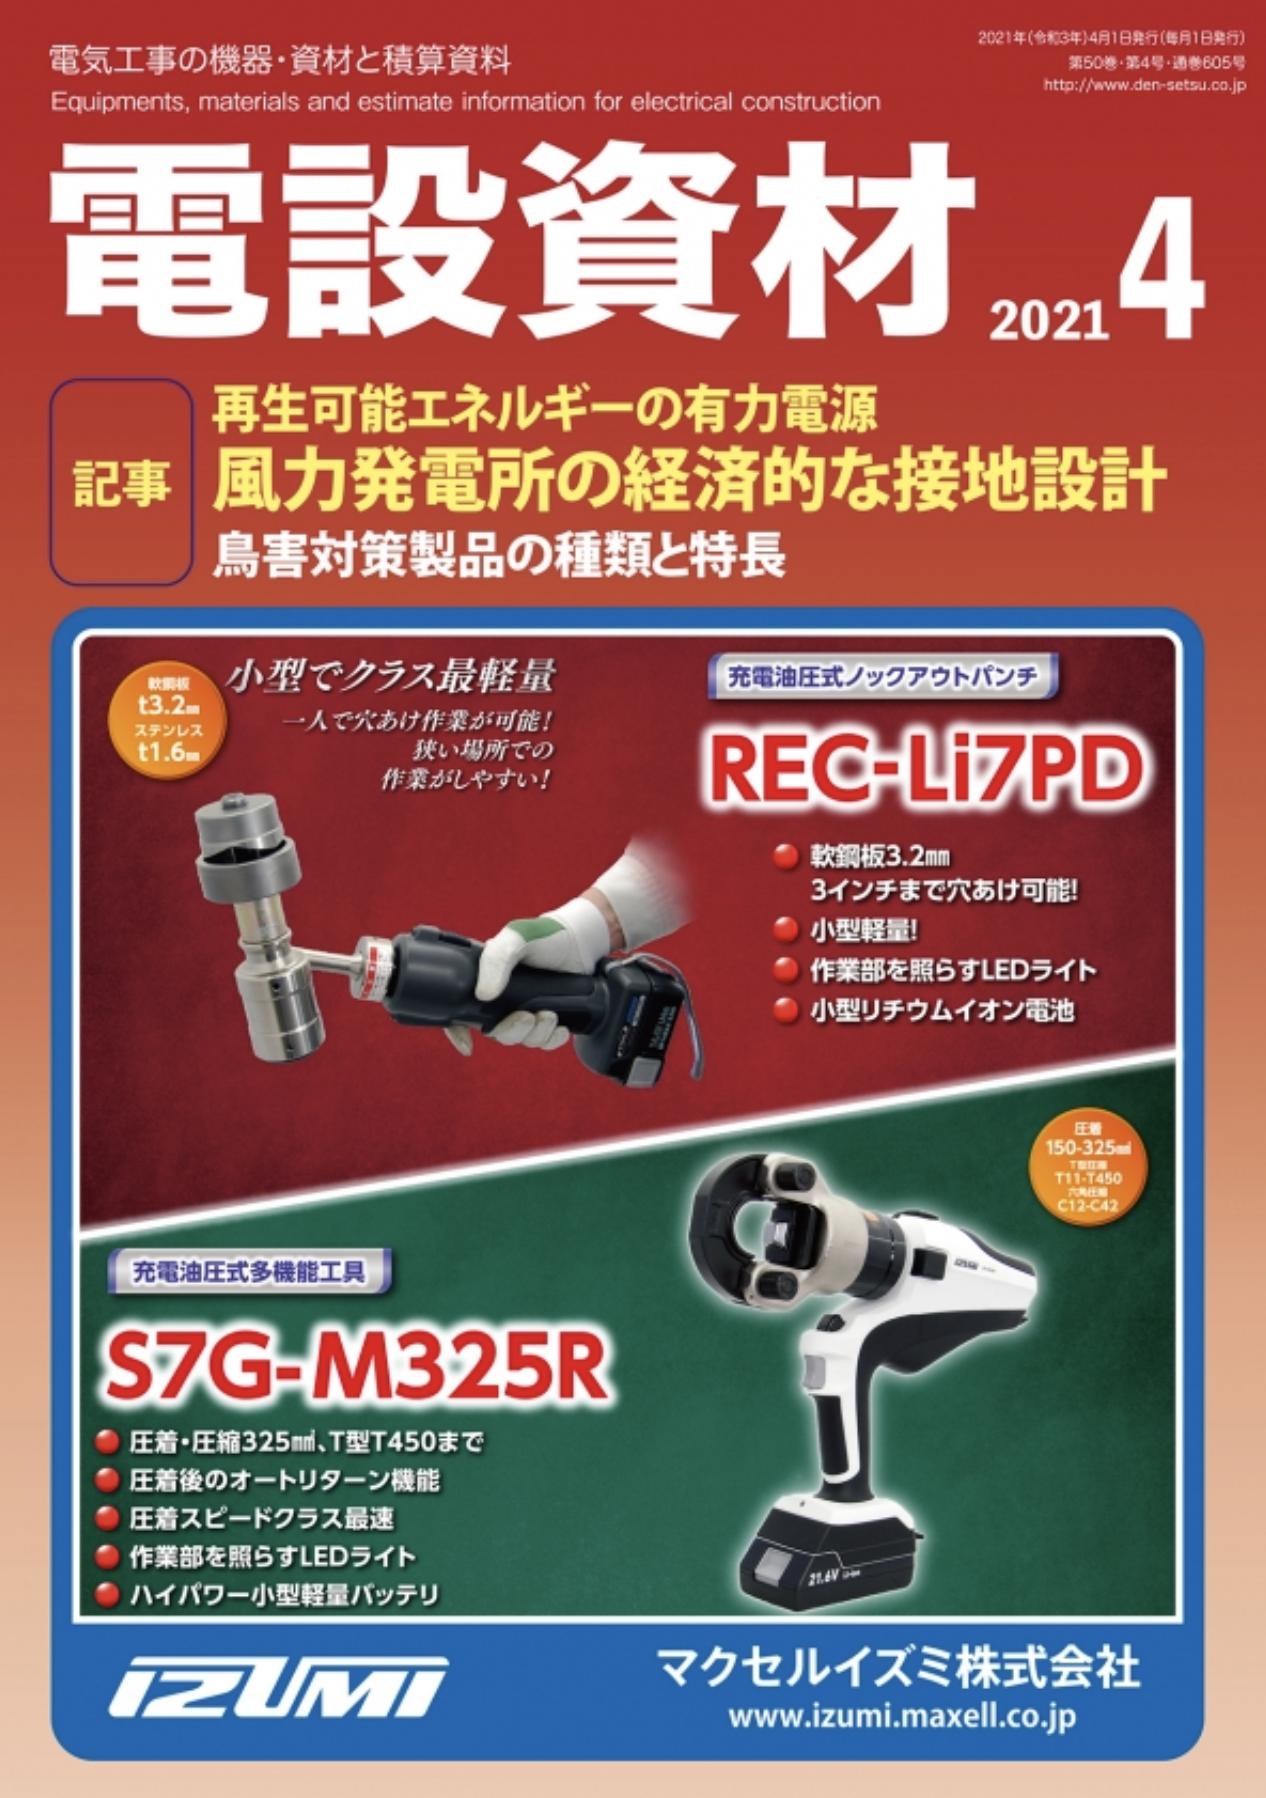 【新刊トピックス 2021年4月】月刊電設資材 2021年4月号の画像